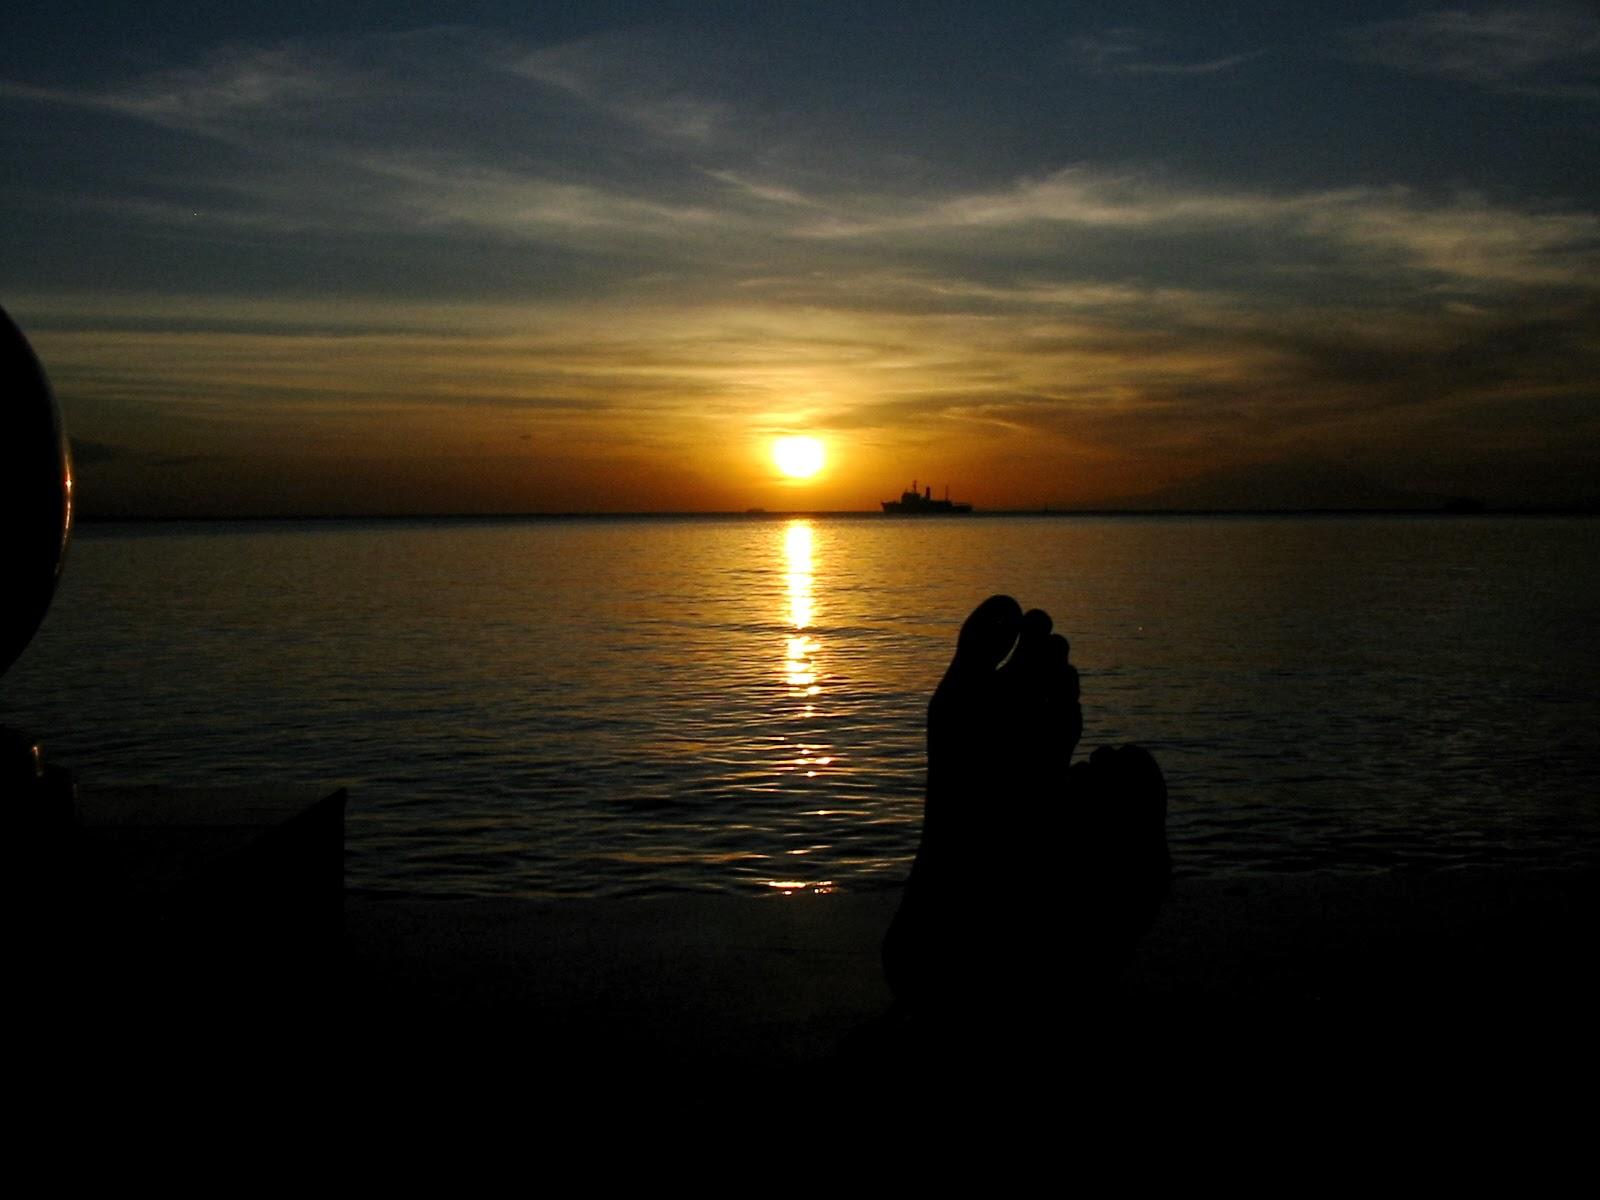 http://1.bp.blogspot.com/-T9IecMZC1FE/UsxjAx5rdfI/AAAAAAAAAk8/Tro1qD83v58/s1600/IMG_0053.JPG